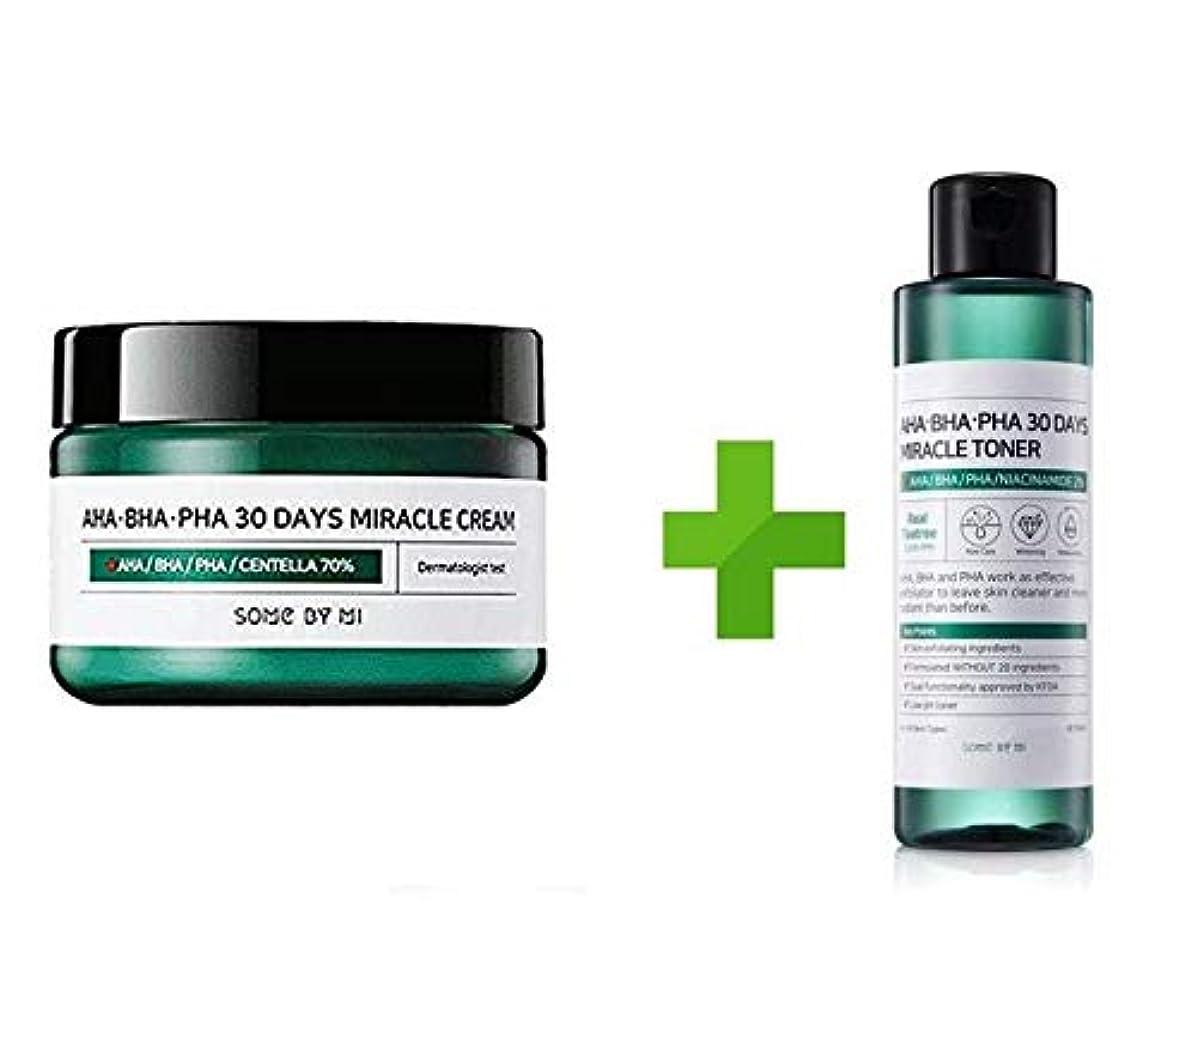 にやにやピカリング財政Somebymi AHA BHA PHA Miracle Cream (50ml + Toner 150ml)Skin Barrier & Recovery, Soothing with Tea Tree 10,000ppm for Wrinkle & Whitening/Korea Cosmetics [並行輸入品]